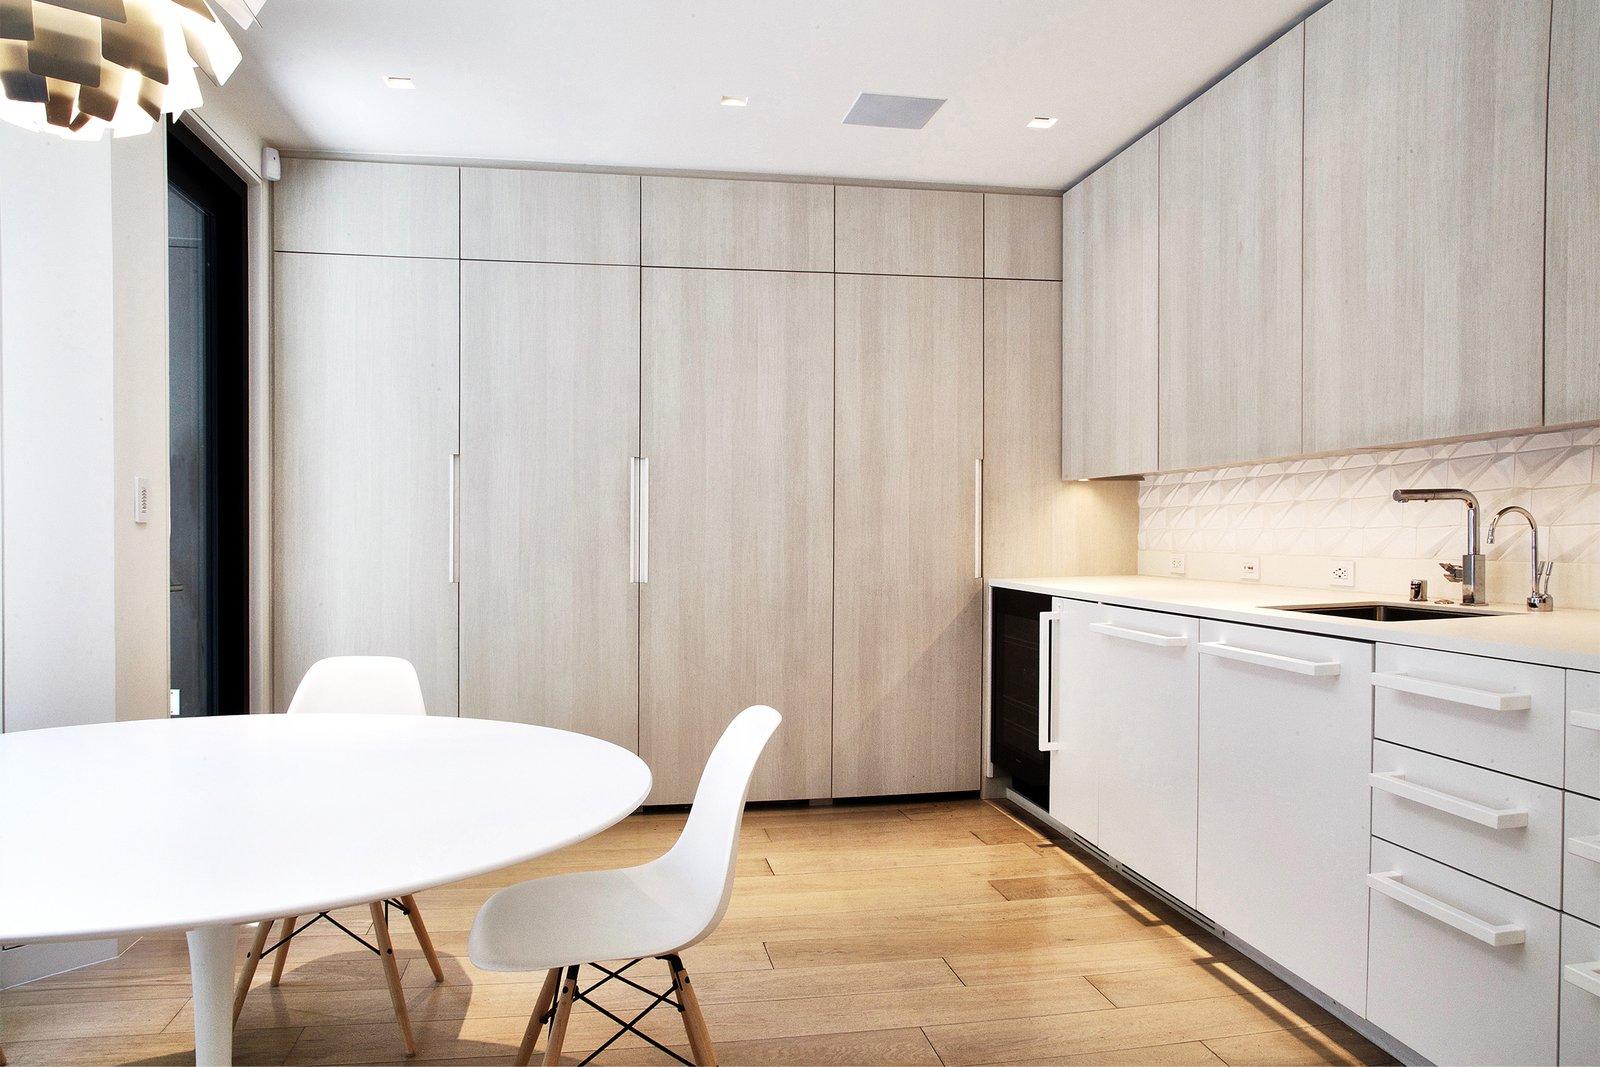 Breakfast Room - Saarinen Tulip Table, Eames side chairs, Miele appliances, Louis Poulsen PH Stainless Steel Artichoke light